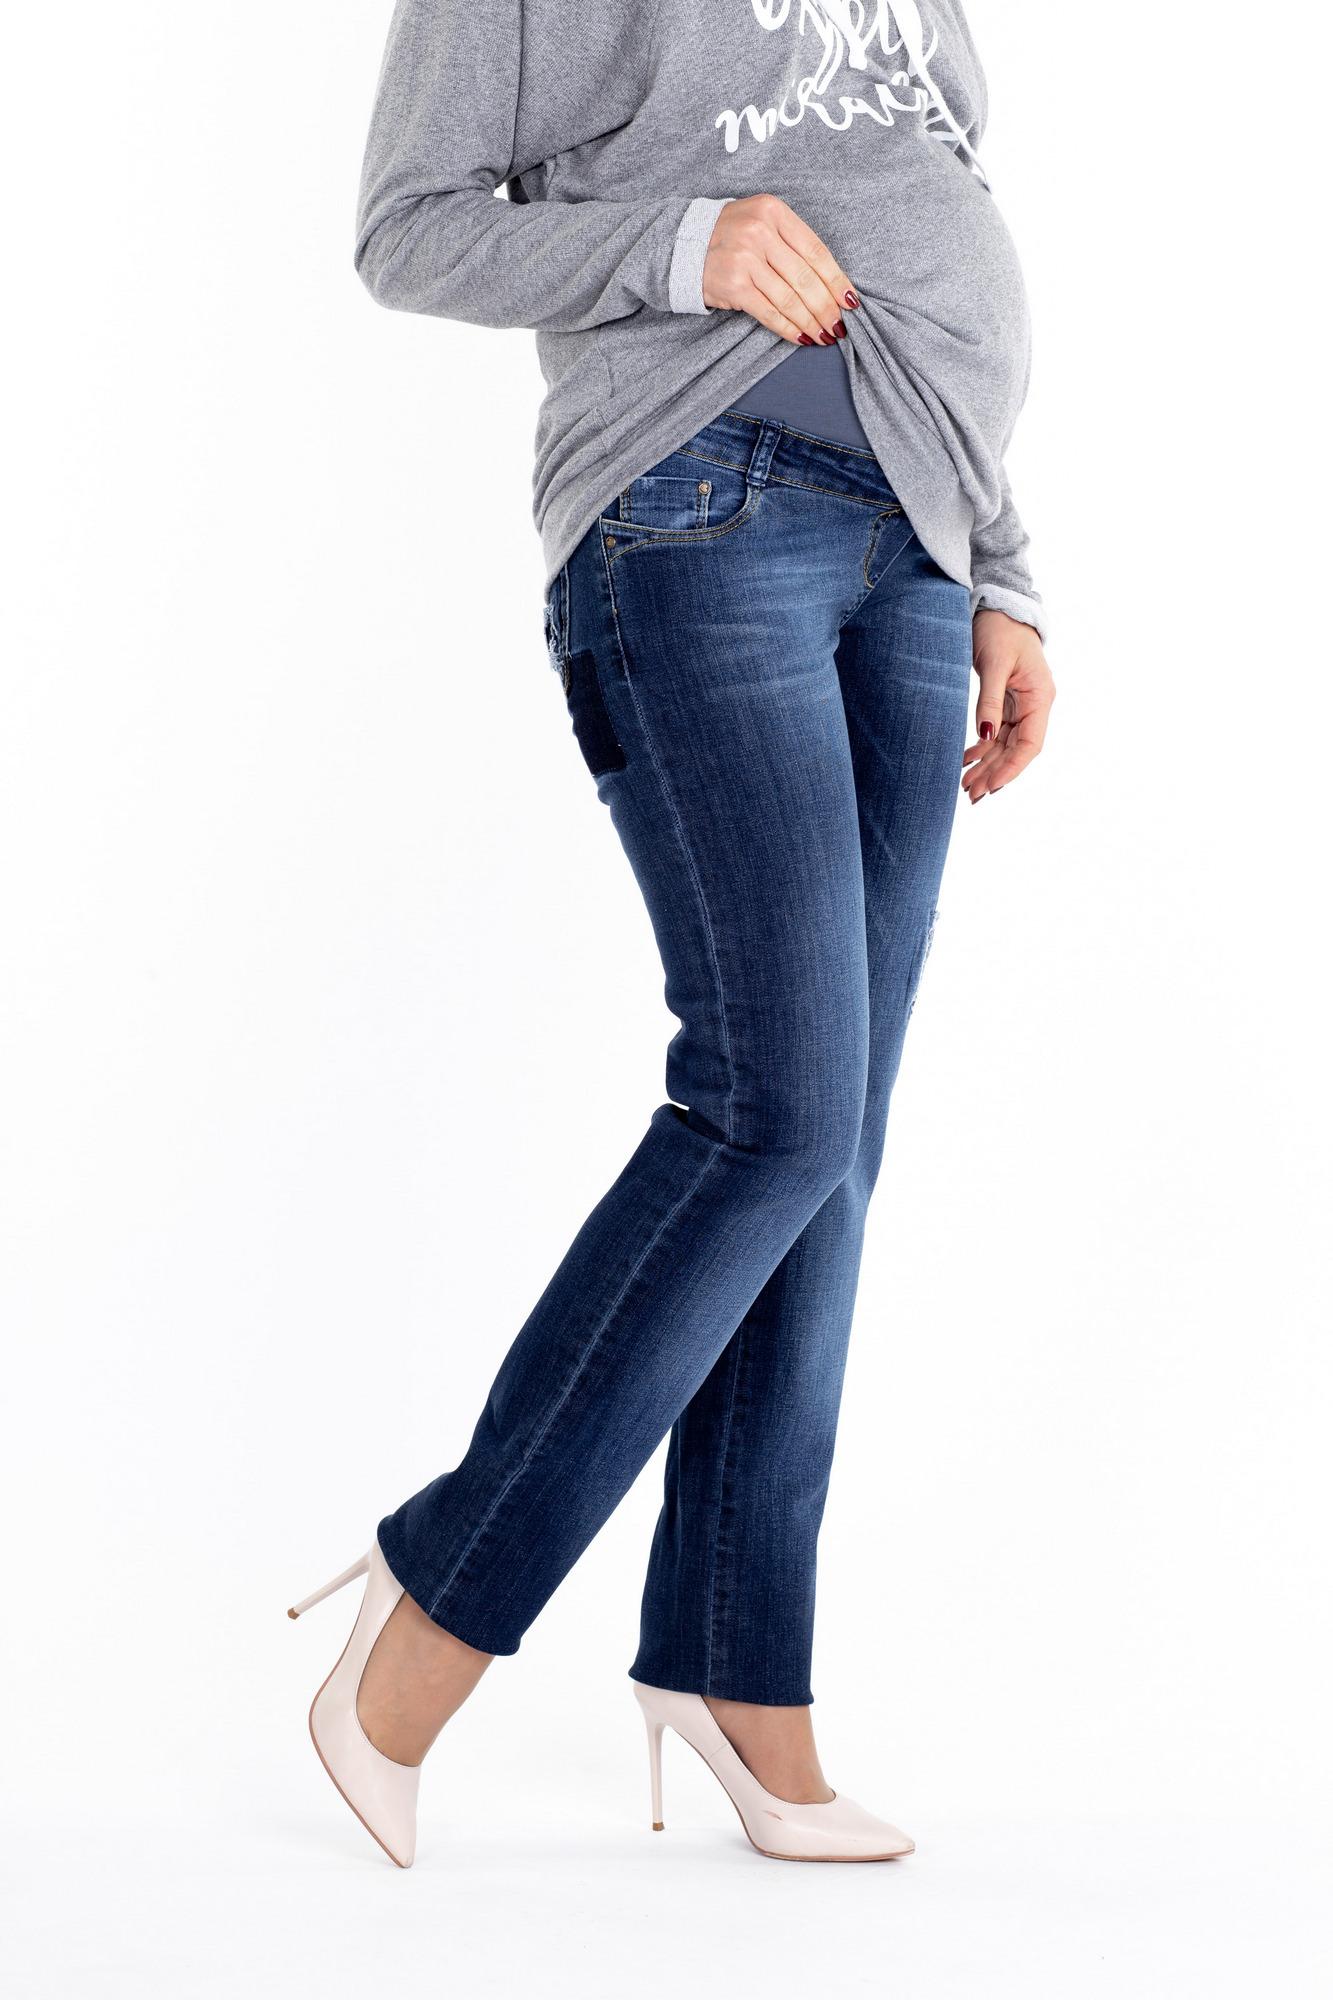 Фото джинсы для беременных MAMA`S FANTASY, посадка regular-fit, трикотажная вставка средней длины от магазина СкороМама, синий, размеры.